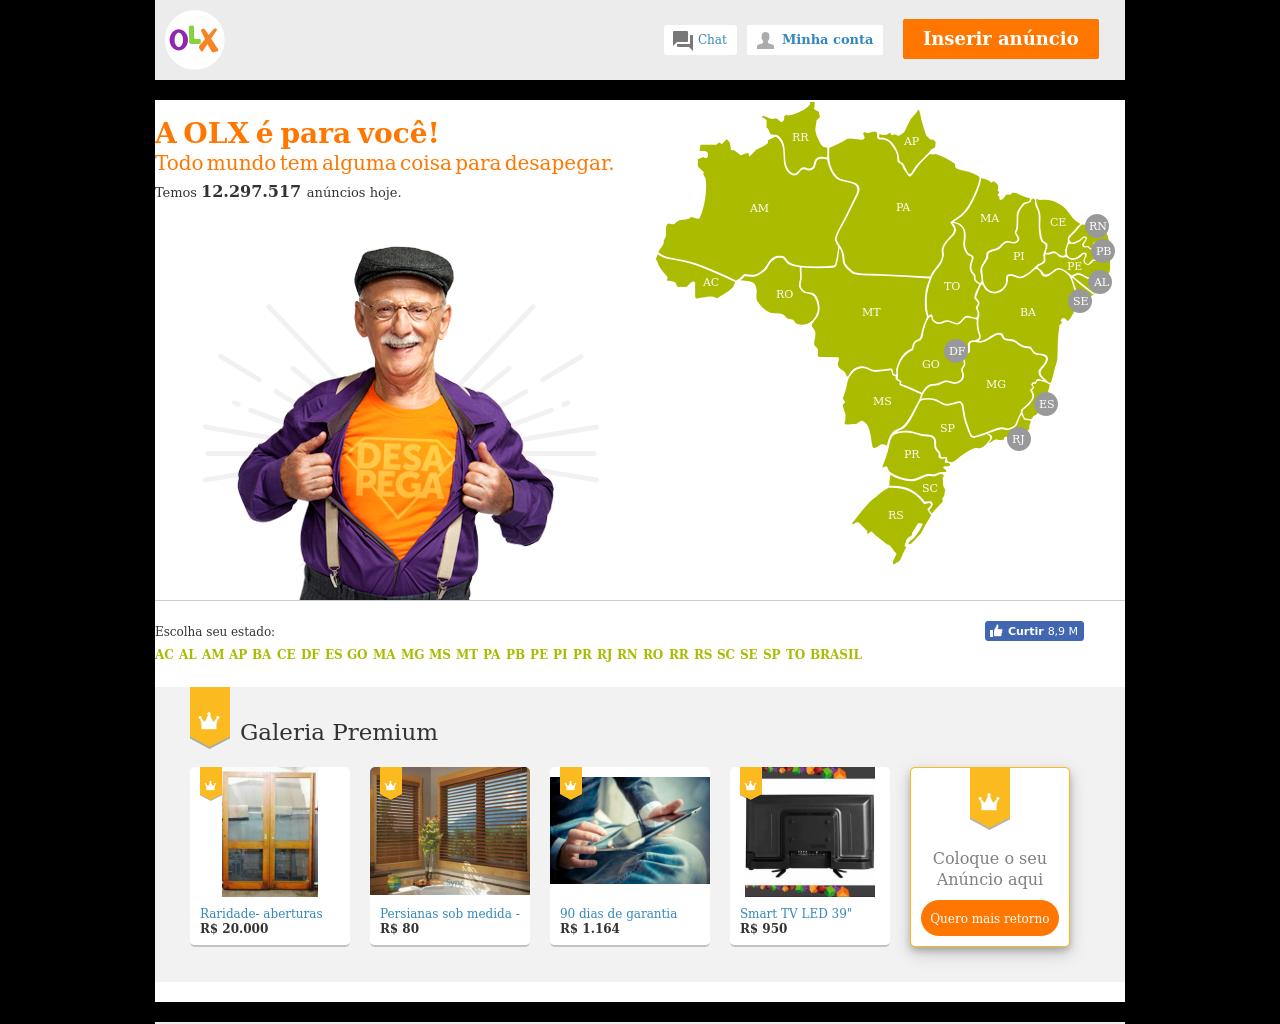 OLX.com.br-Advertising-Reviews-Pricing